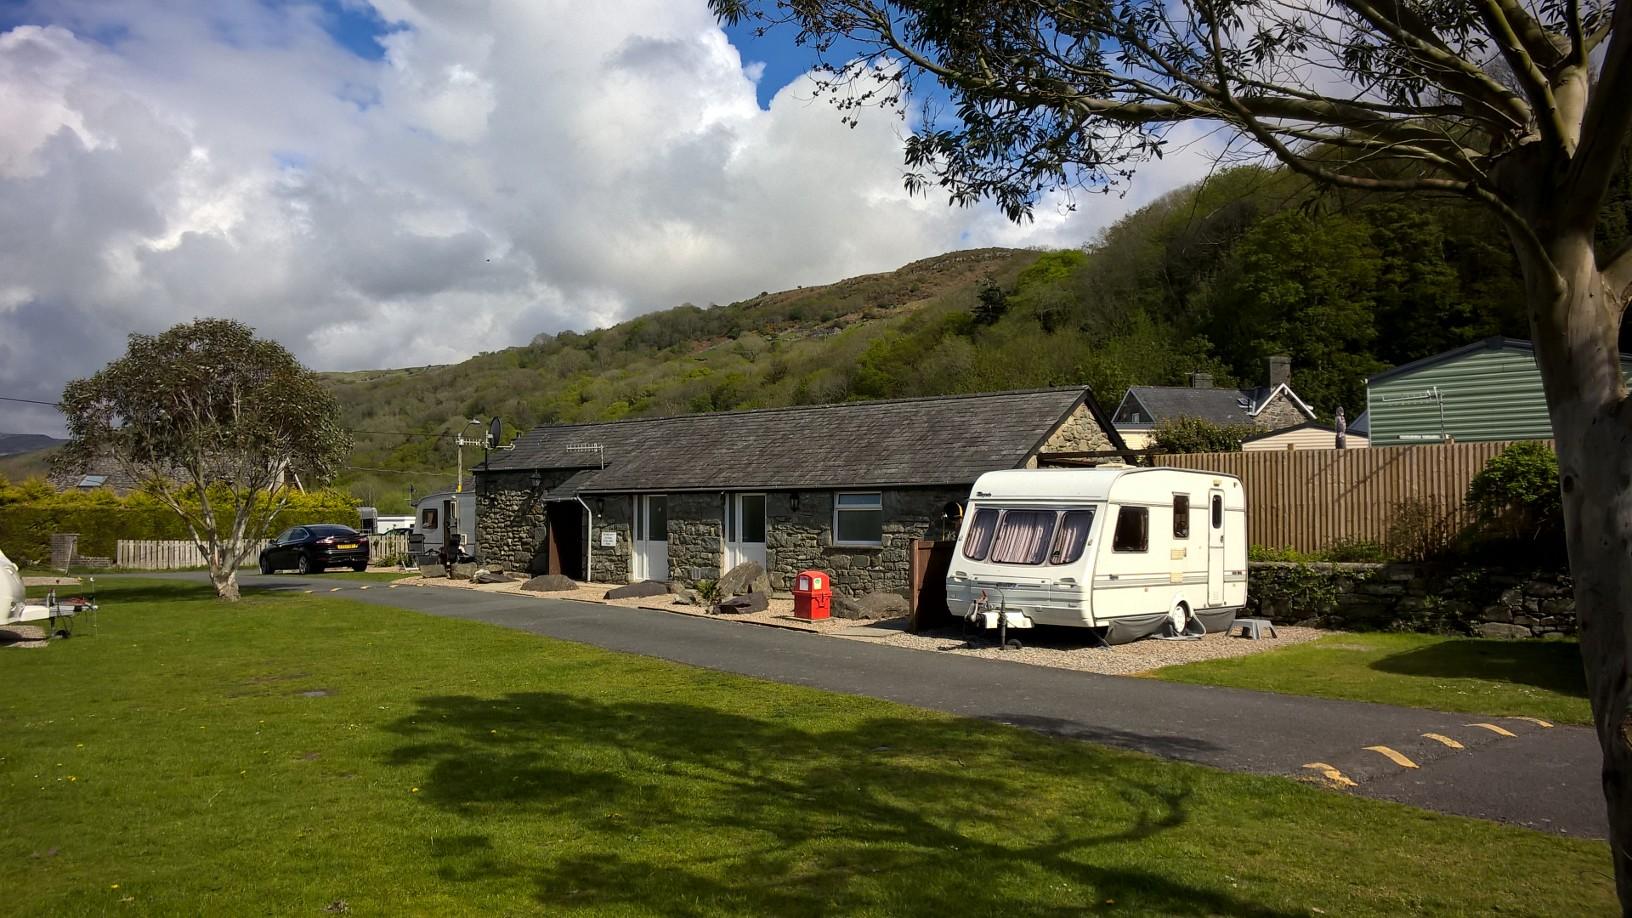 Touring Caravans